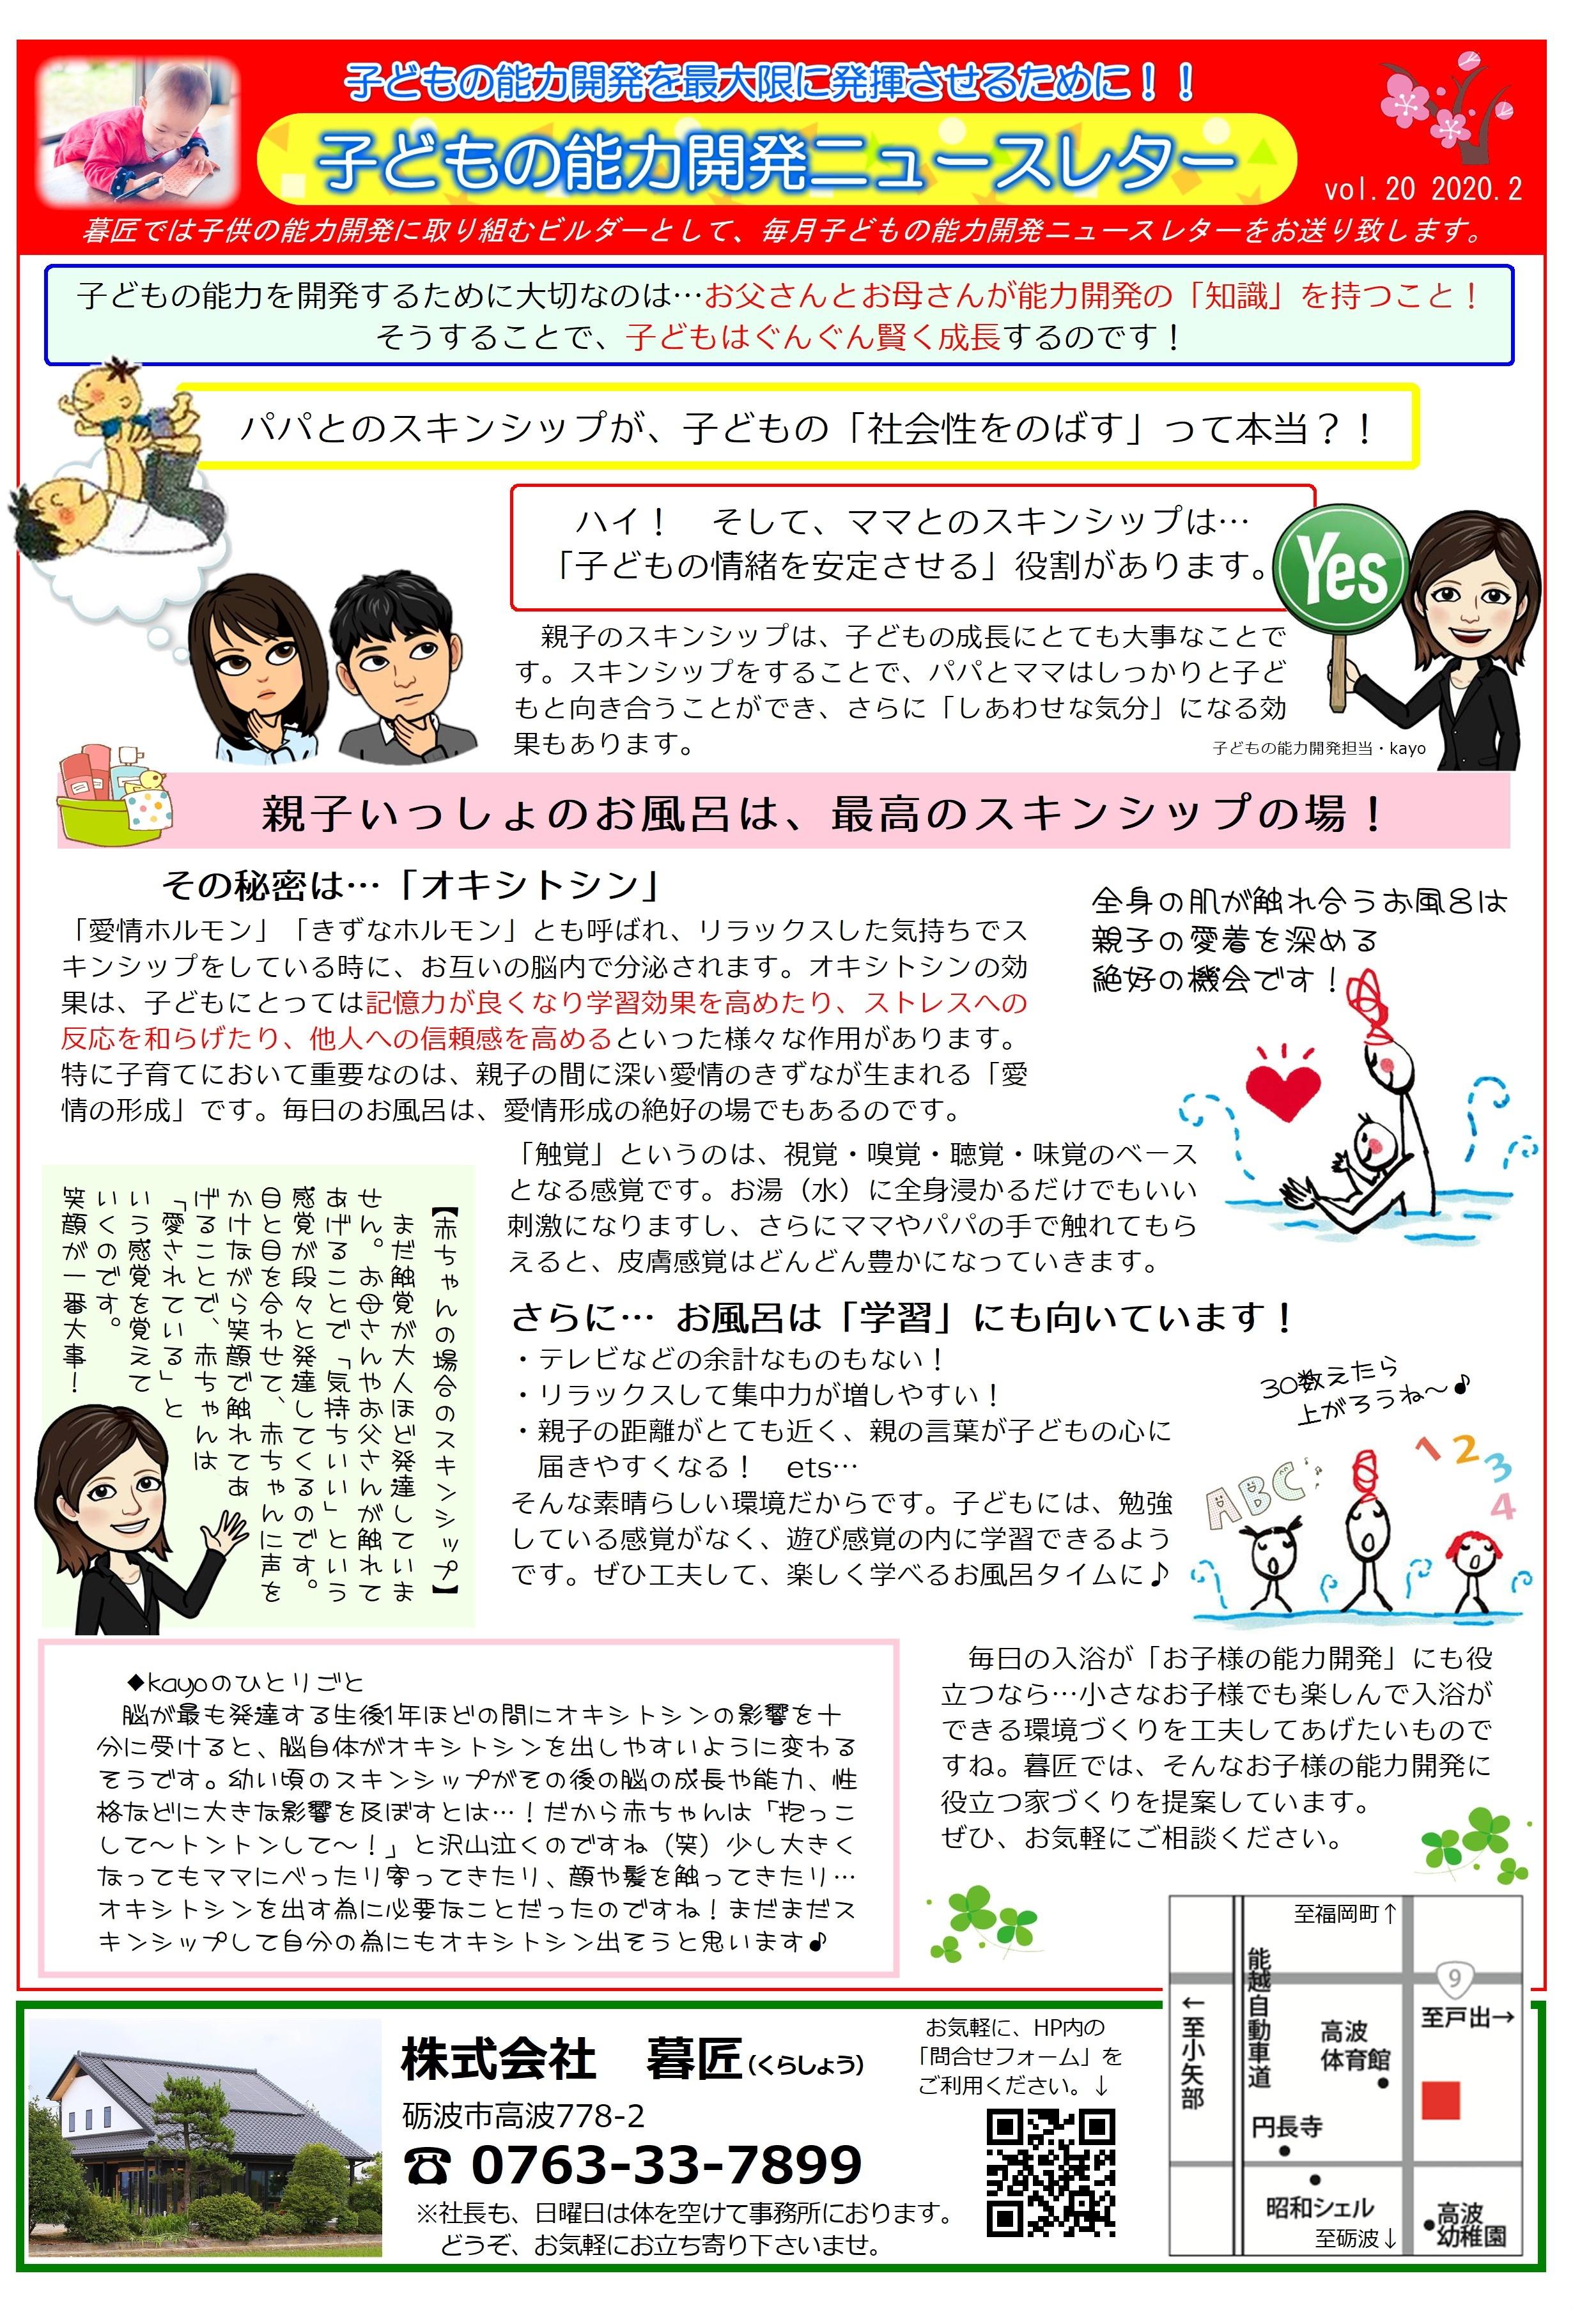 2020.3.裏ニュースレター.jpg